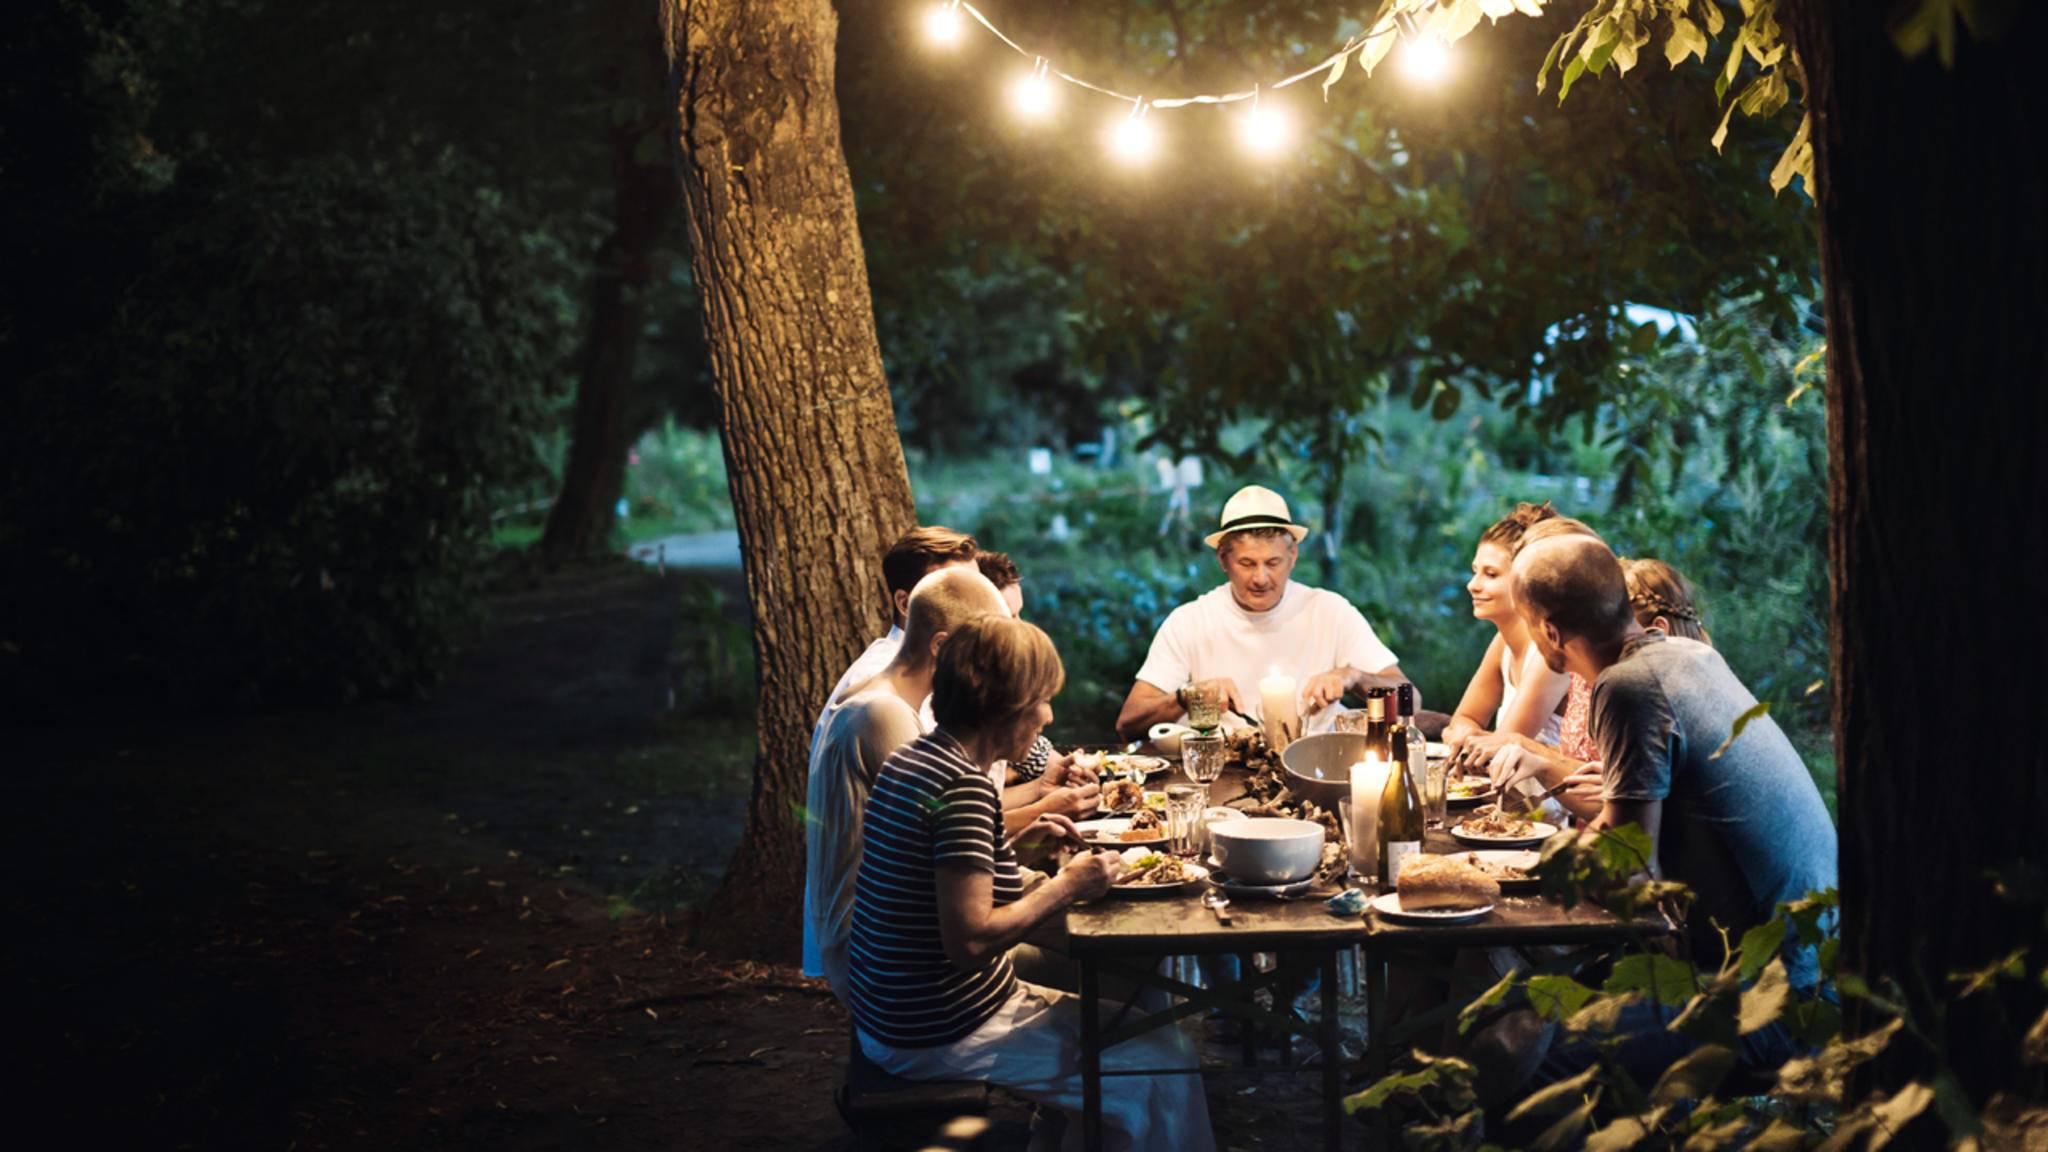 Nordische Lässigkeit: Dänen treiben nicht nur gern Sport, sie lieben auch gutes Essen – beides am liebsten draußen und mit reichlich Freunden.